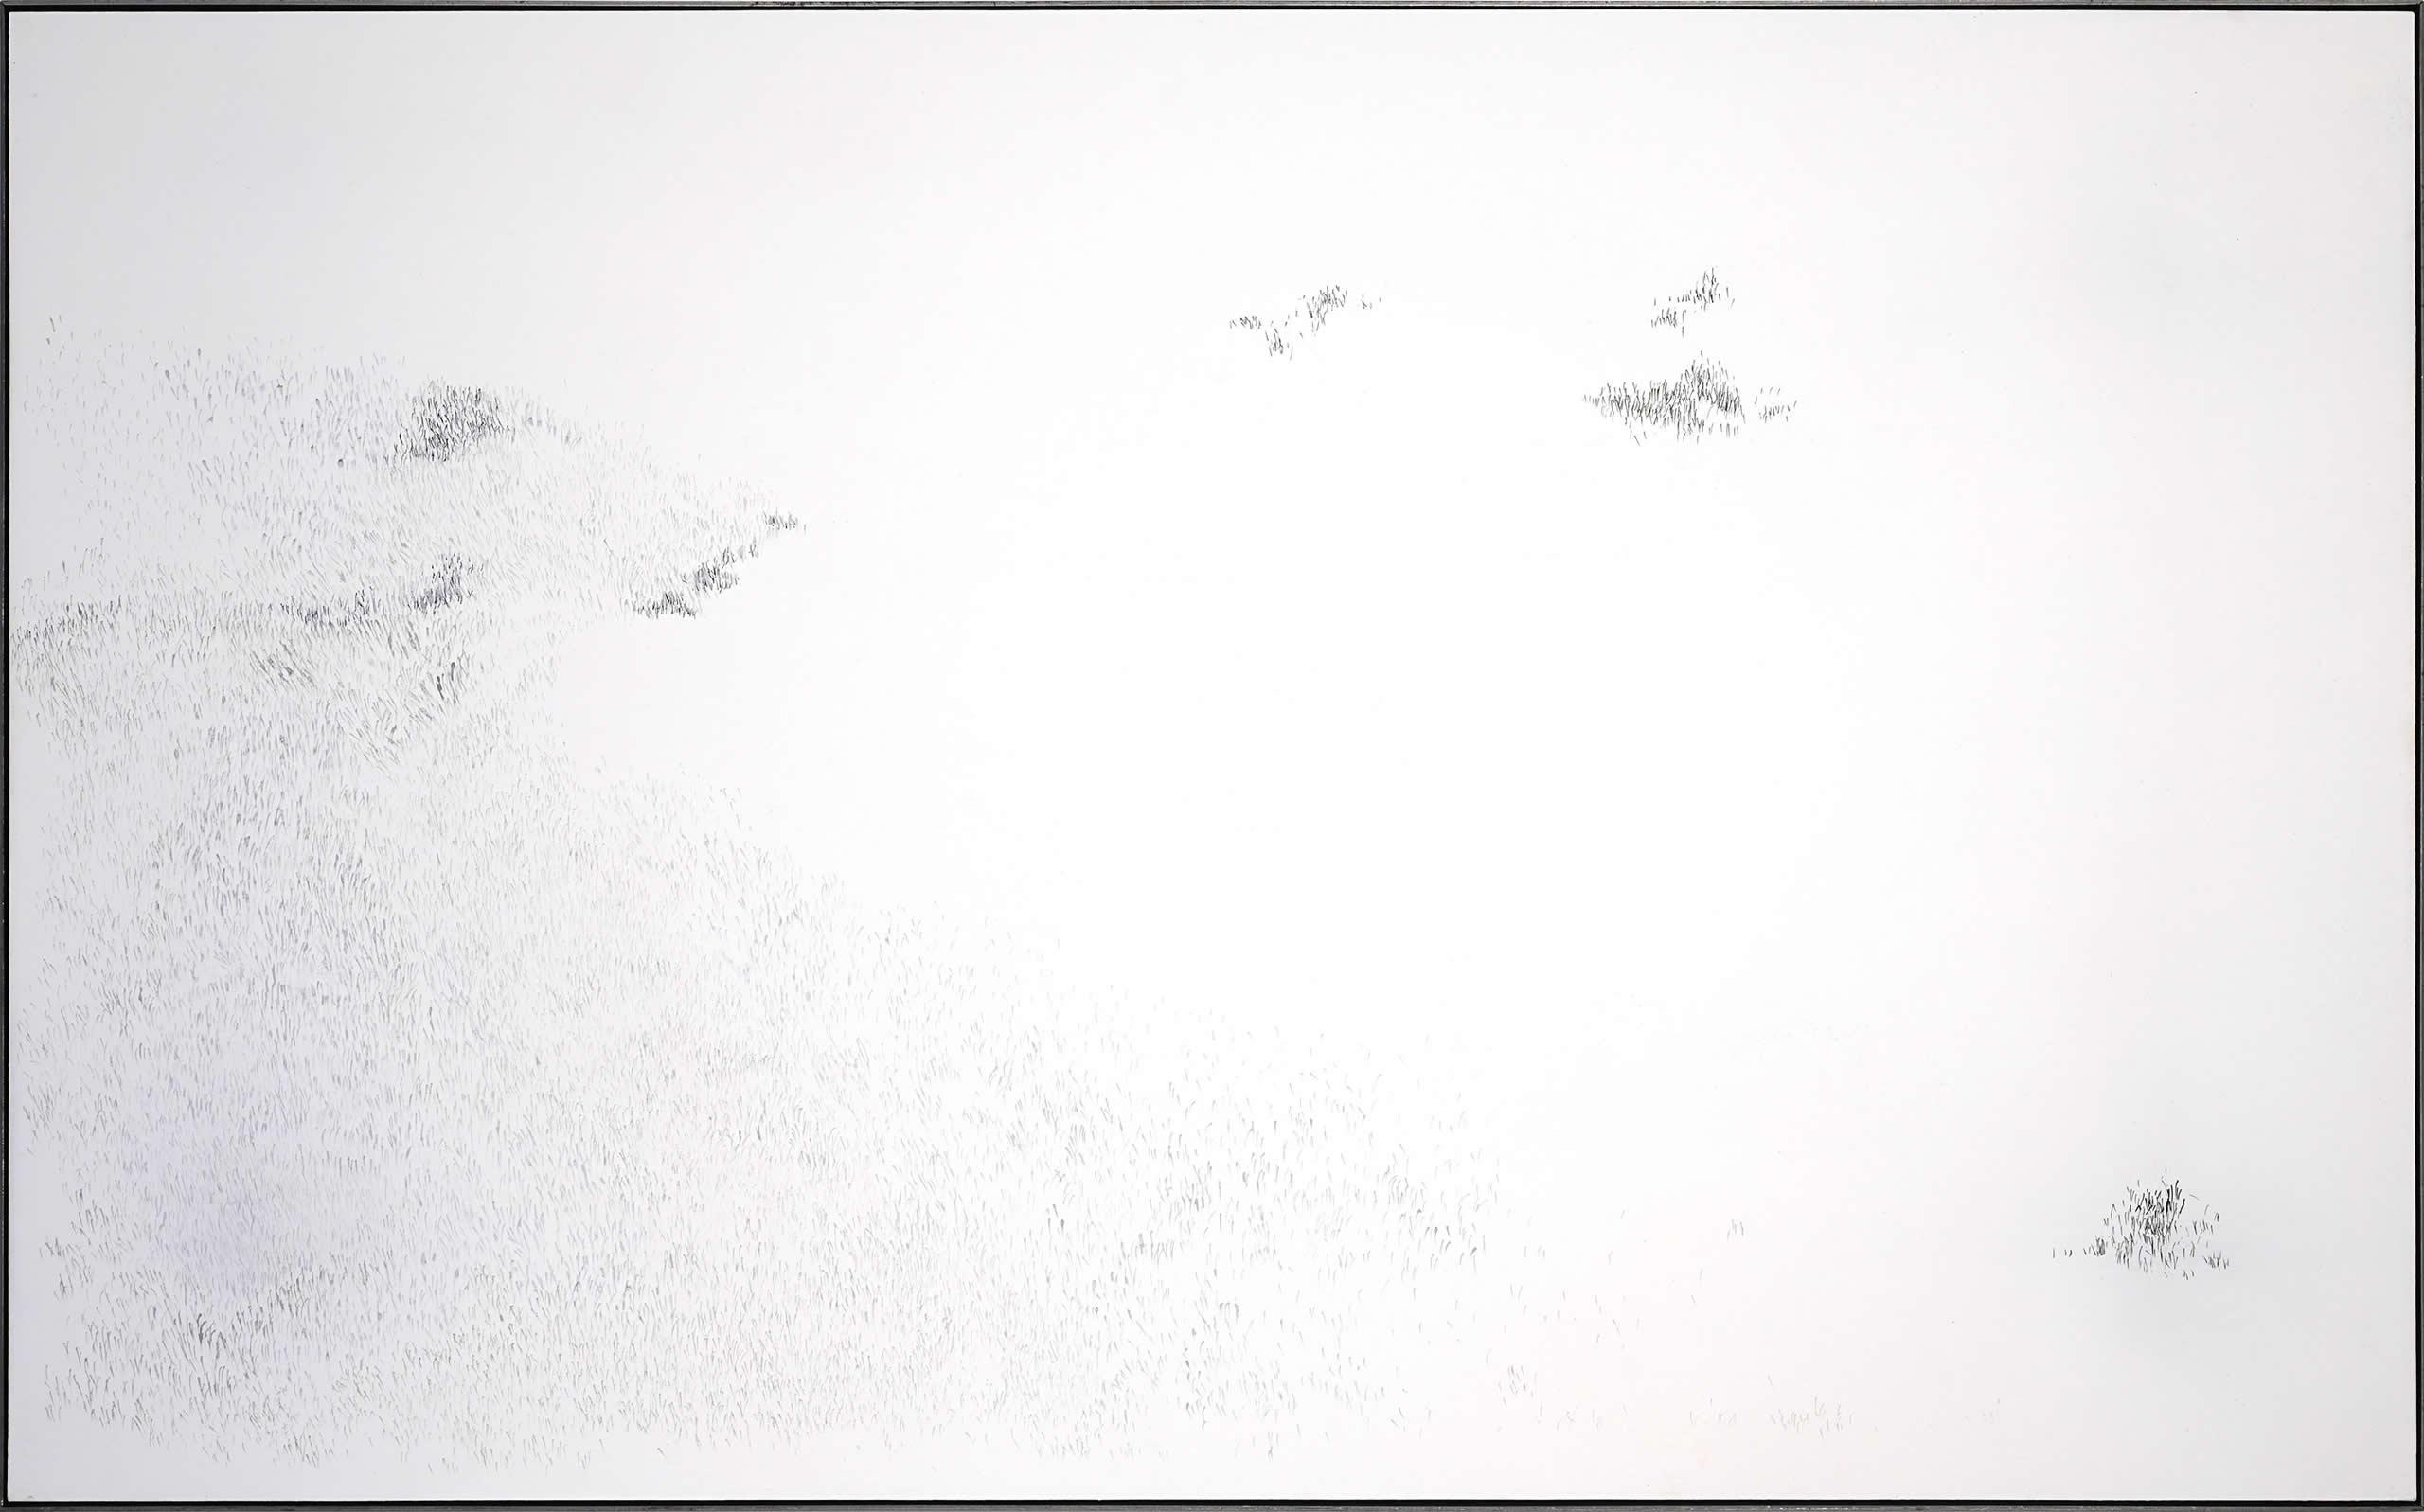 Linda Berger | Fact34 | Strichwelten & Luftkörper | 2019-11 | Galerie3